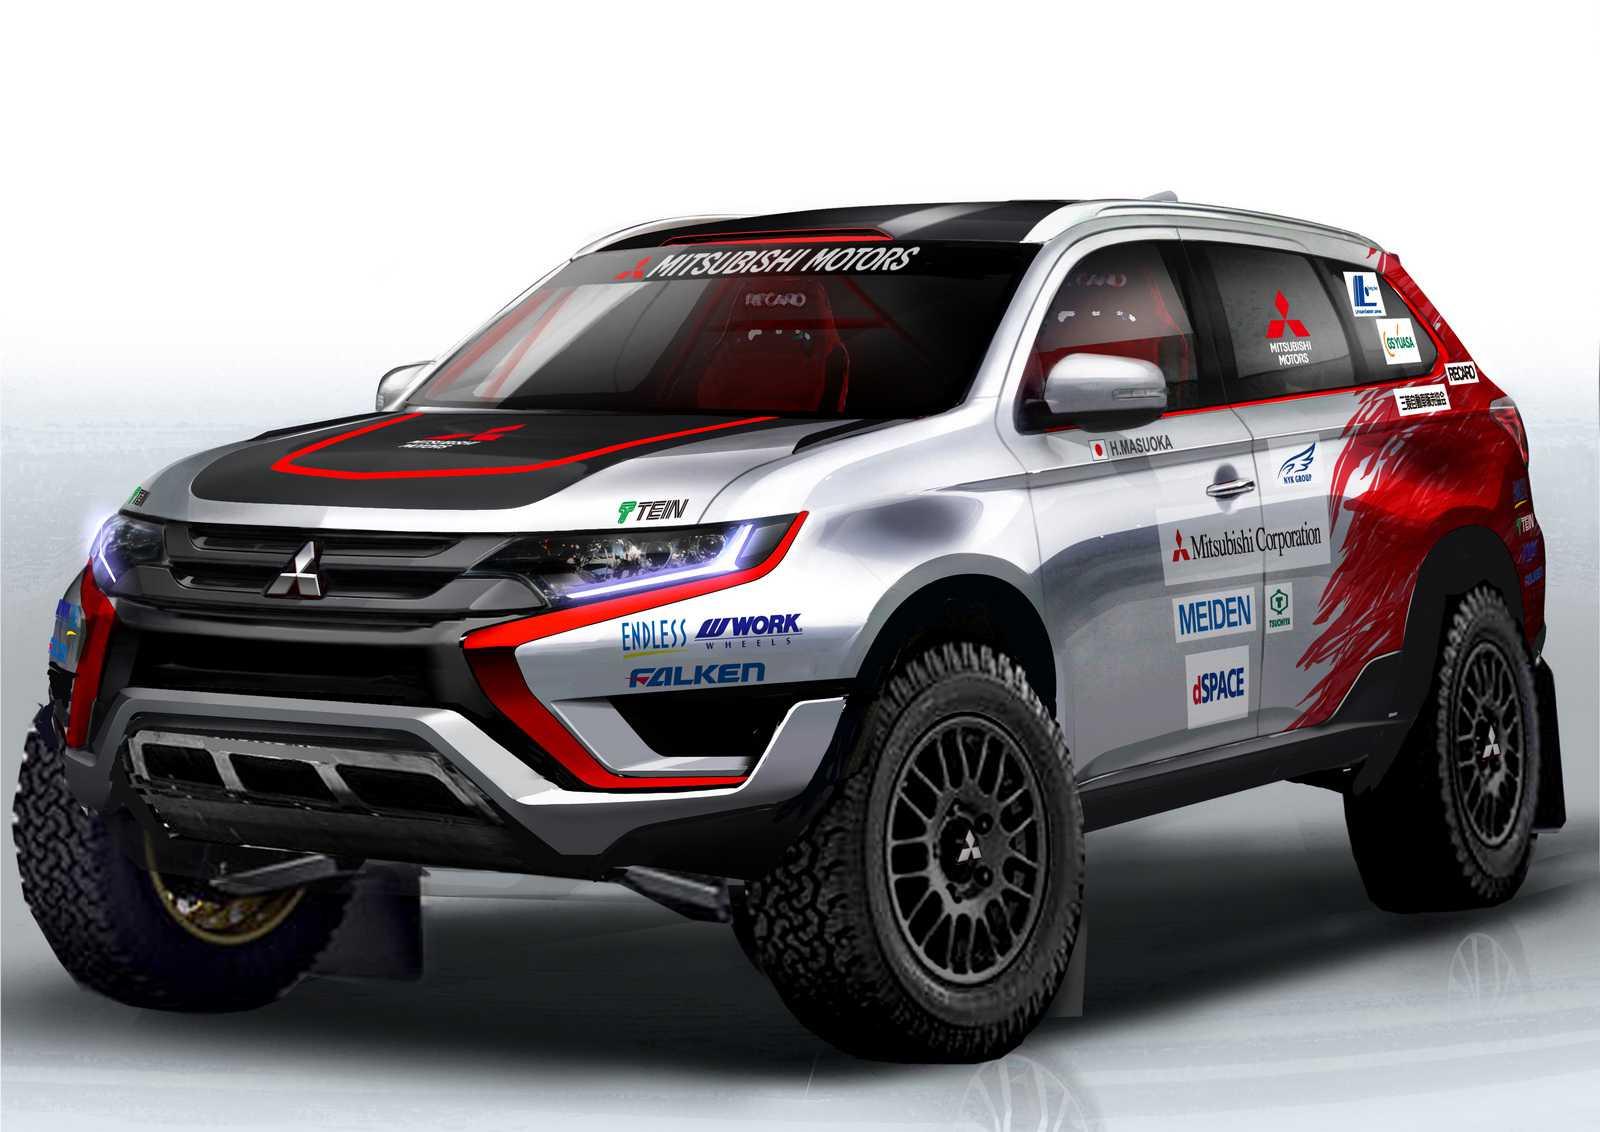 מיצובישי אאוטלנדר PHEV - יתחרה בבאחה פורטוגל - סולל את הדרך לדור חדש של מכוניות ראלי היברידיות? האם נראה אותו גם בדקאר 2016? צילום: מיצובישי